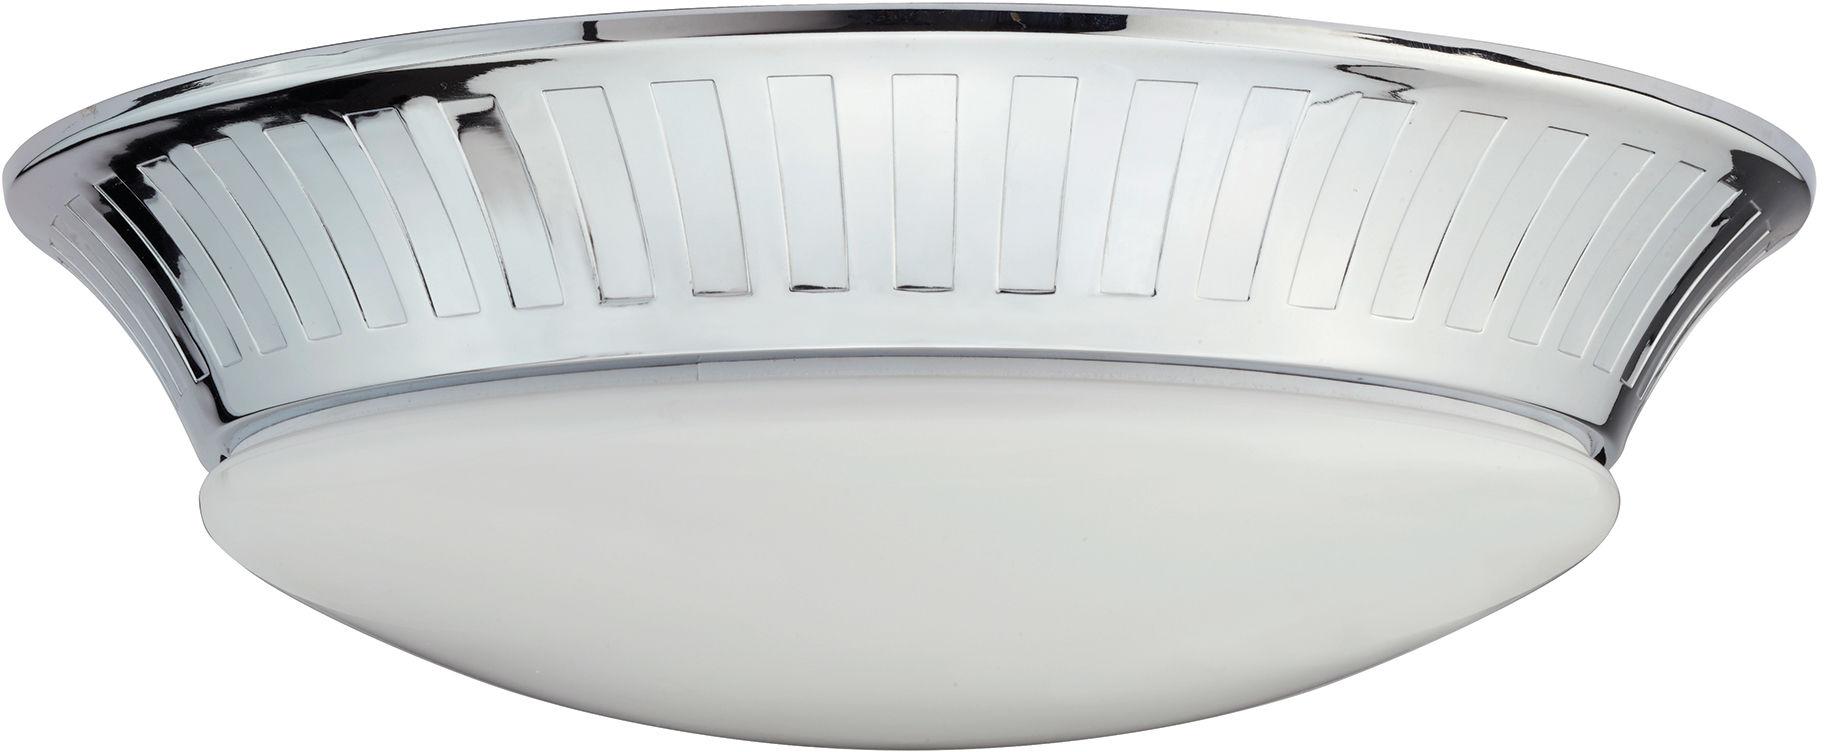 Lampa sufitowa WHITBY BATH/WHITBY/F IP44 - Elstead Lighting  SPRAWDŹ RABATY  5-10-15-20 % w koszyku